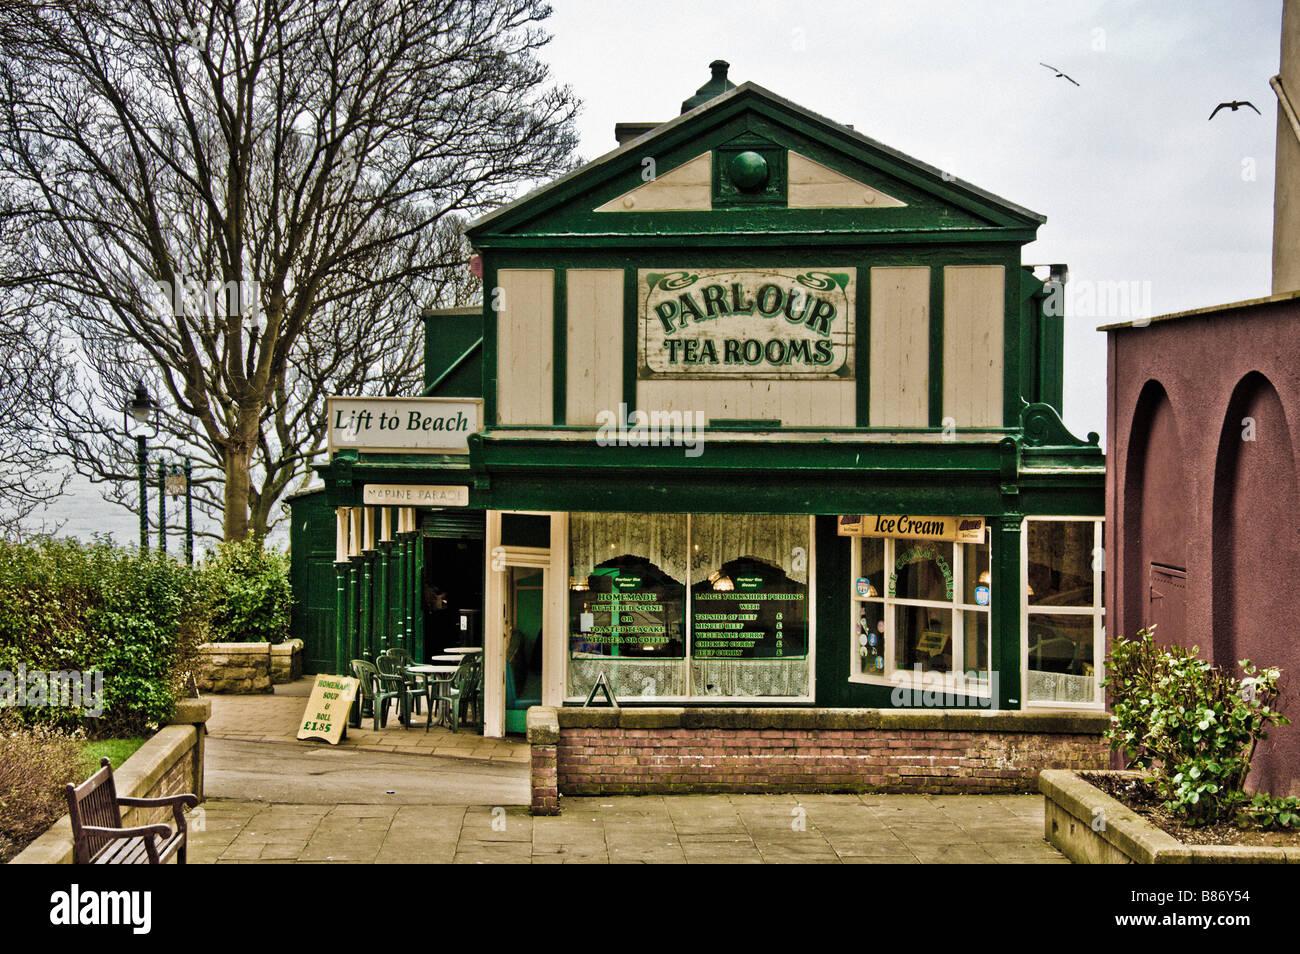 Parlour tearooms Scarborough Stock Photo